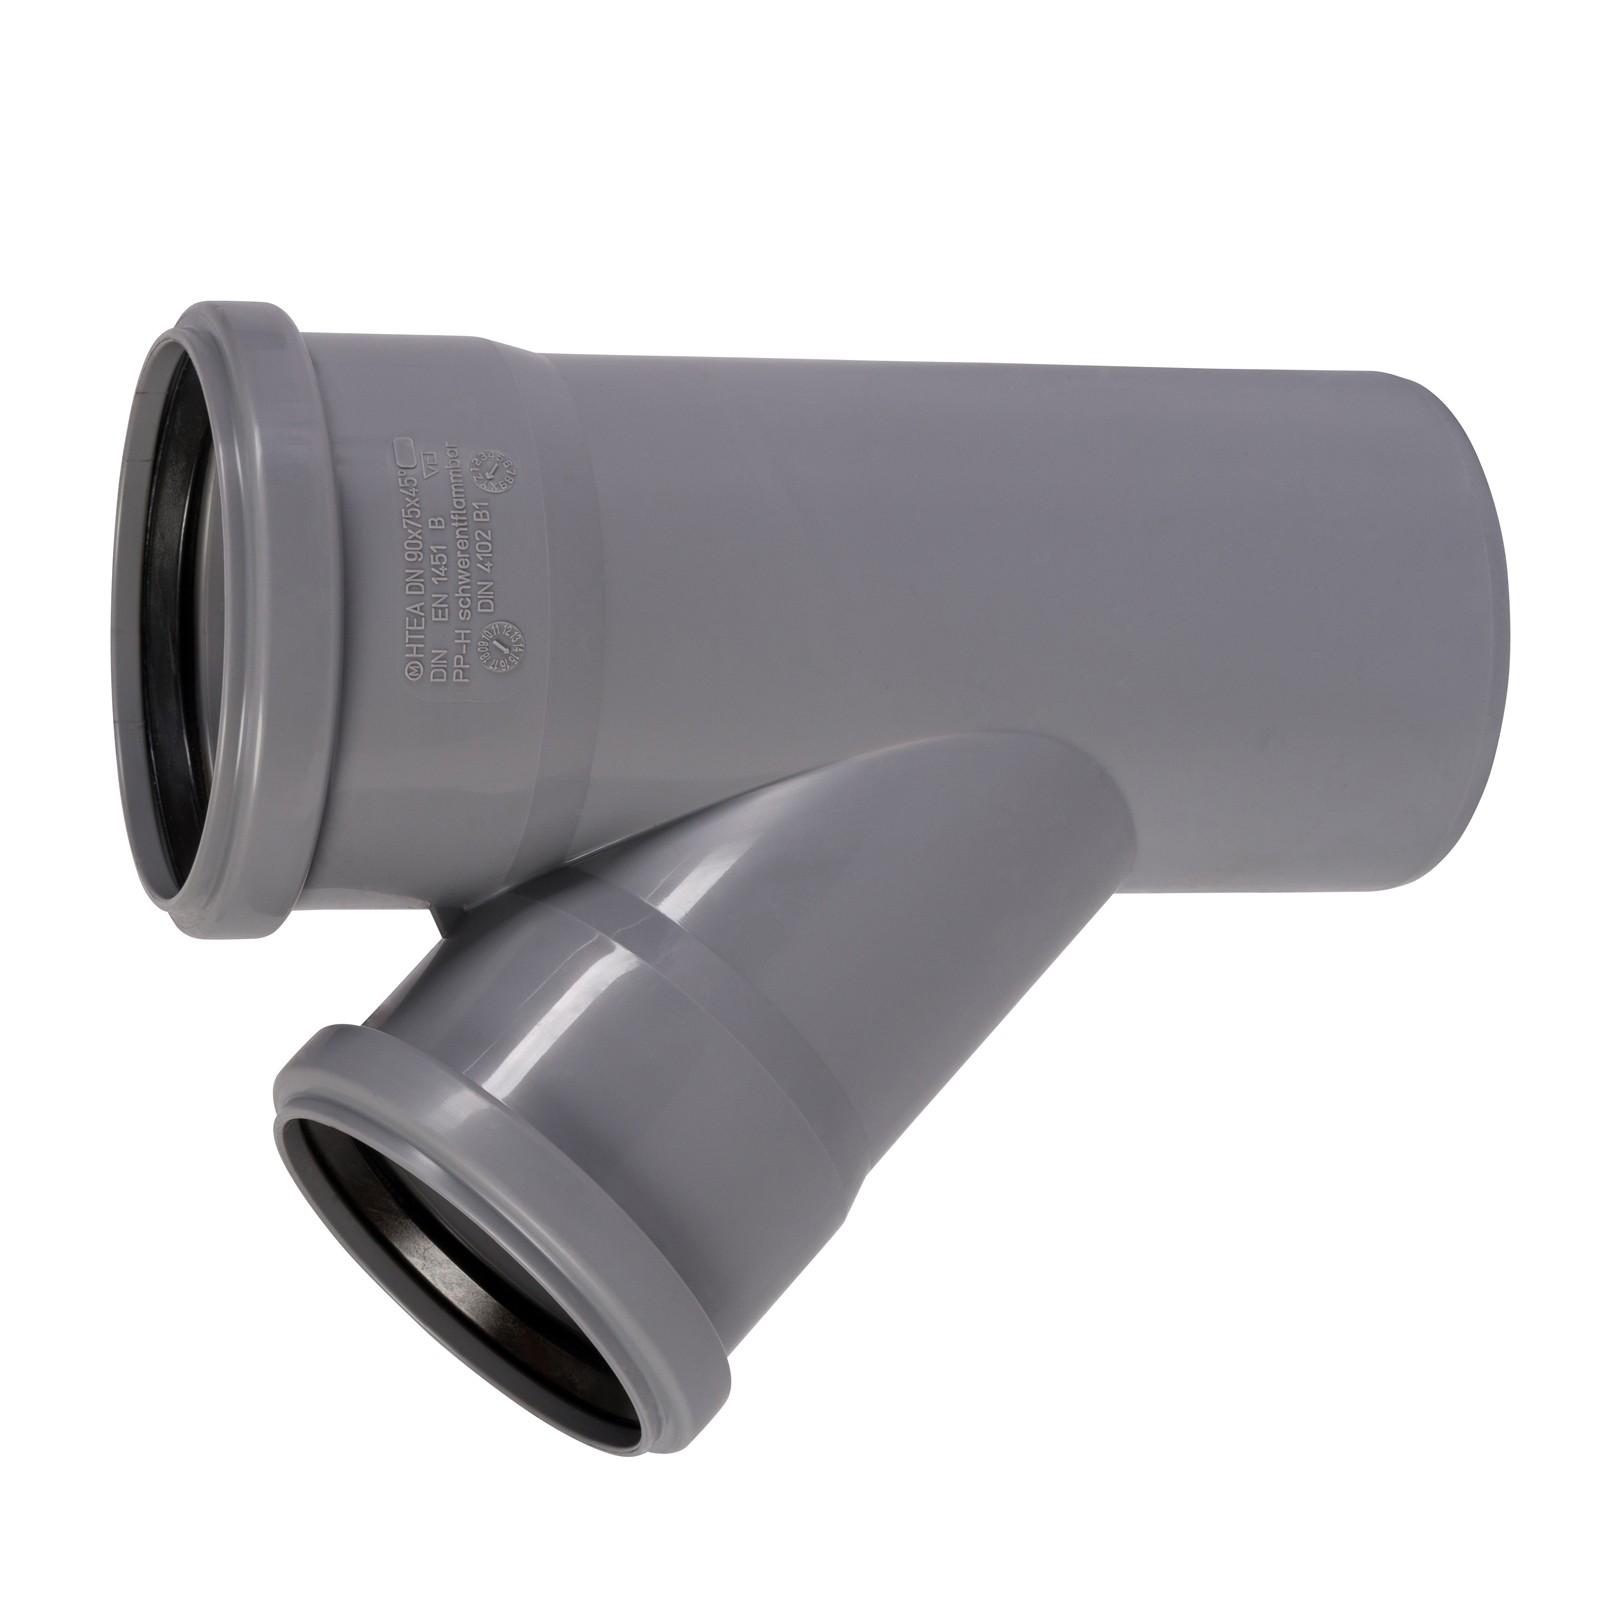 T-Stück Kunststoff HT-Rohr Installation Abwasser 50 mm Grau Abzweig NEU